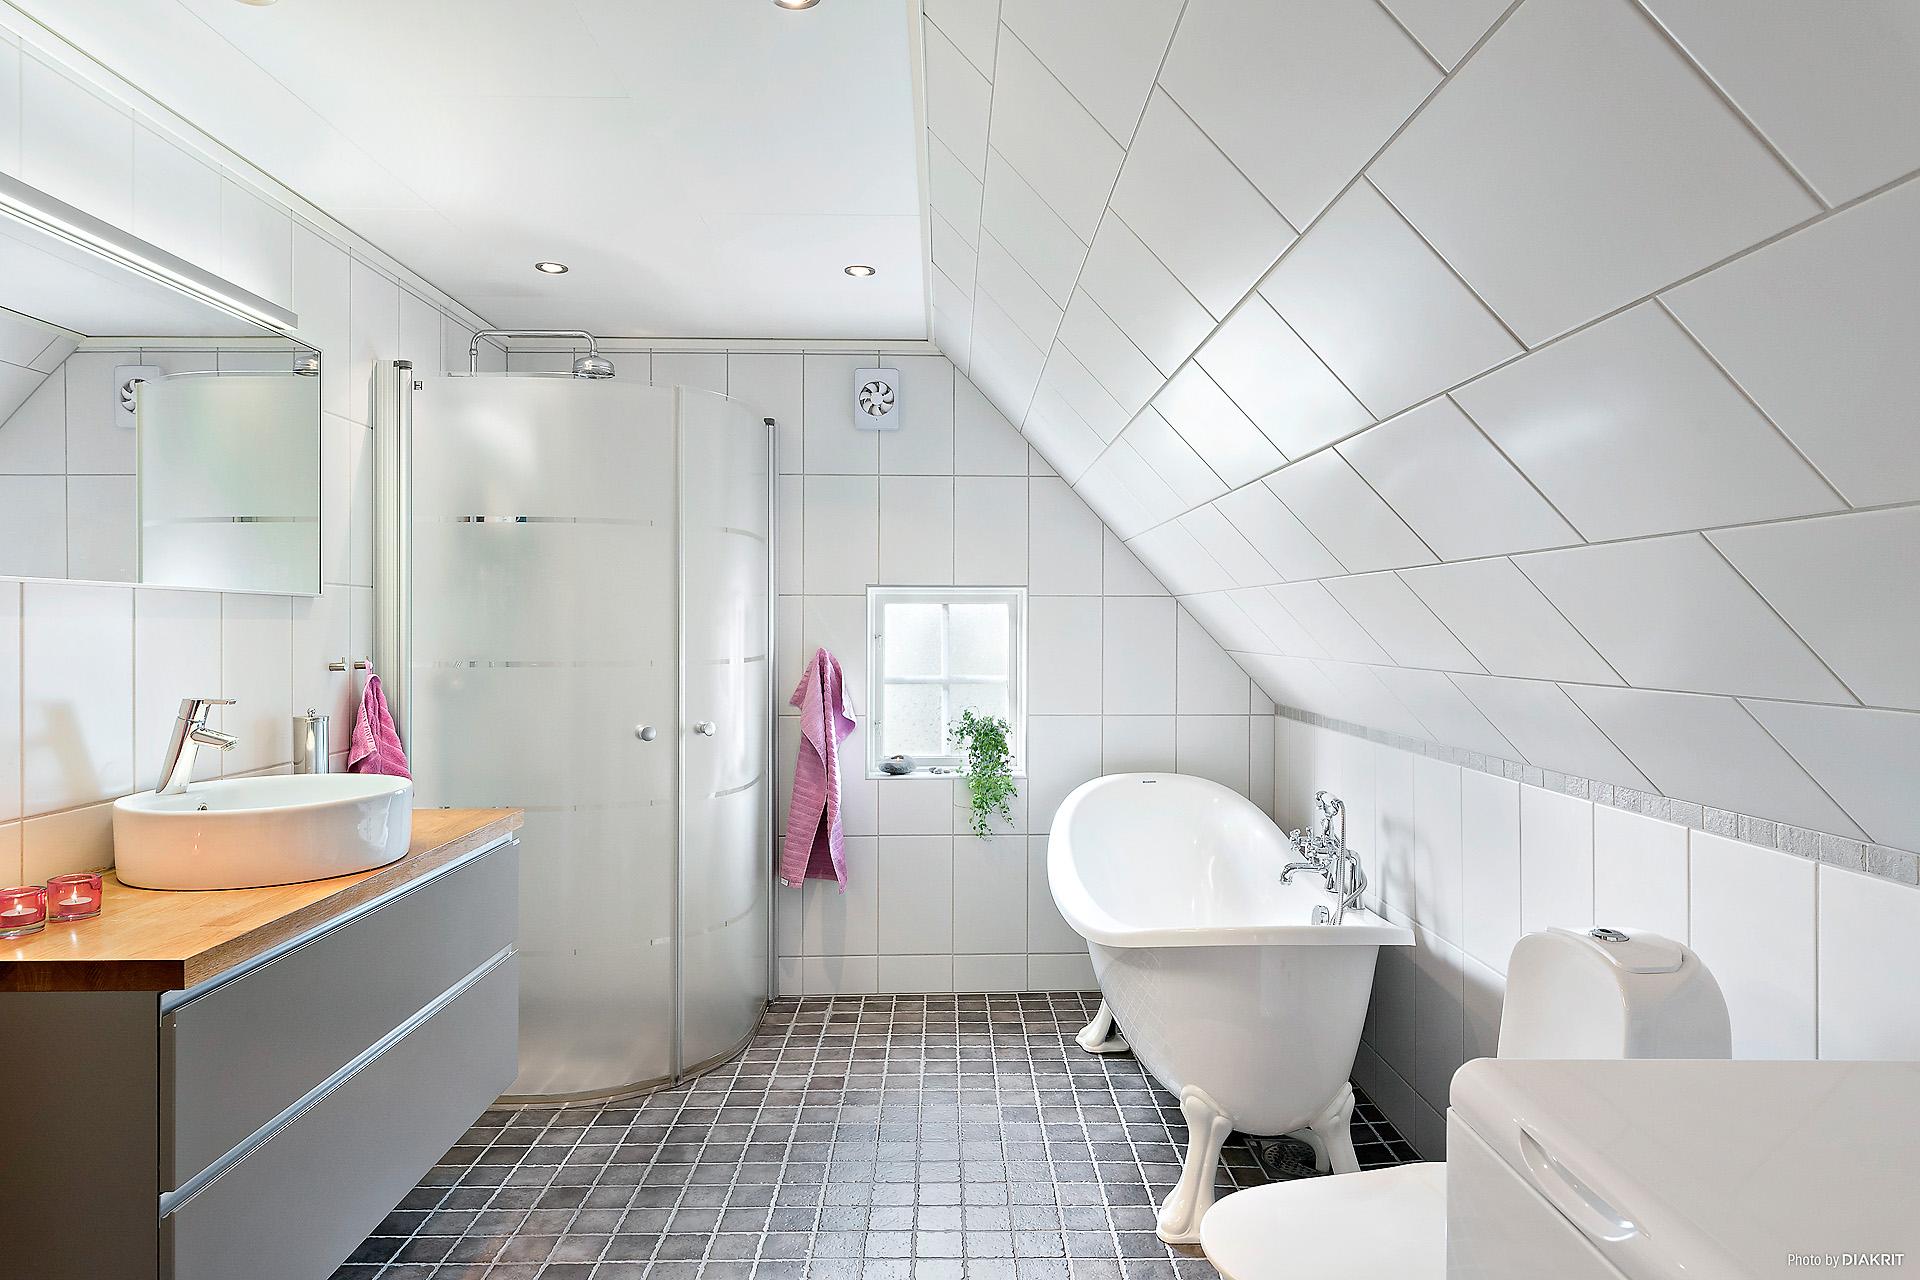 Rymligt, helkaklat badrum med badkar med lejontassar, duschhörna, kommod, toalett och tvättmaskin.